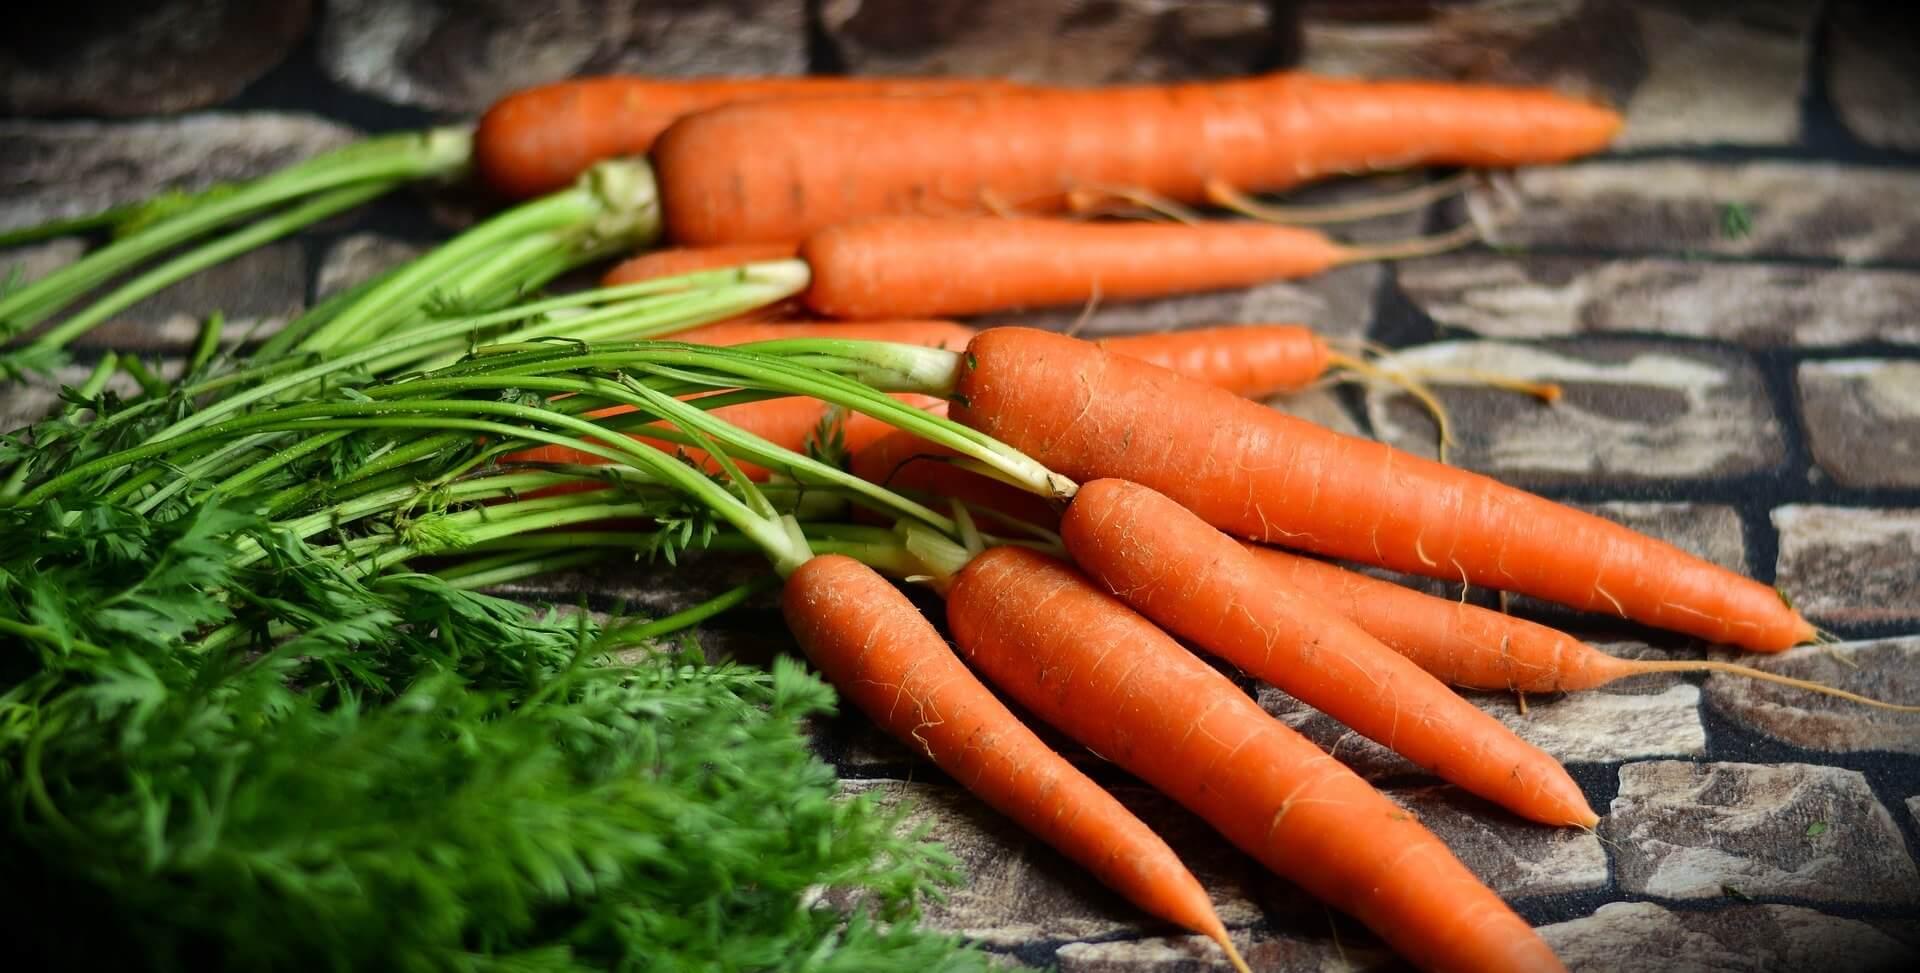 Finber-In-Foods-www.herbalvoice.lk-ආහාර වල අඩංගු තන්තු